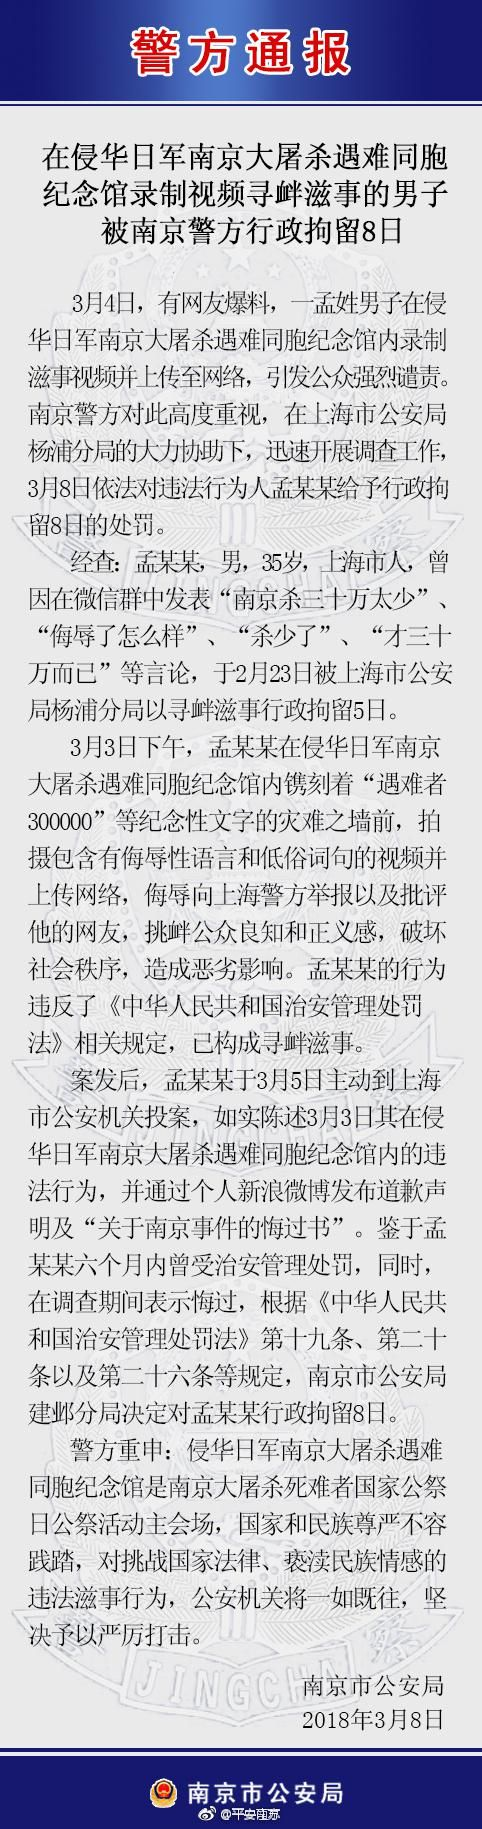 男子称南京大屠杀死三十万太少 被拘8日